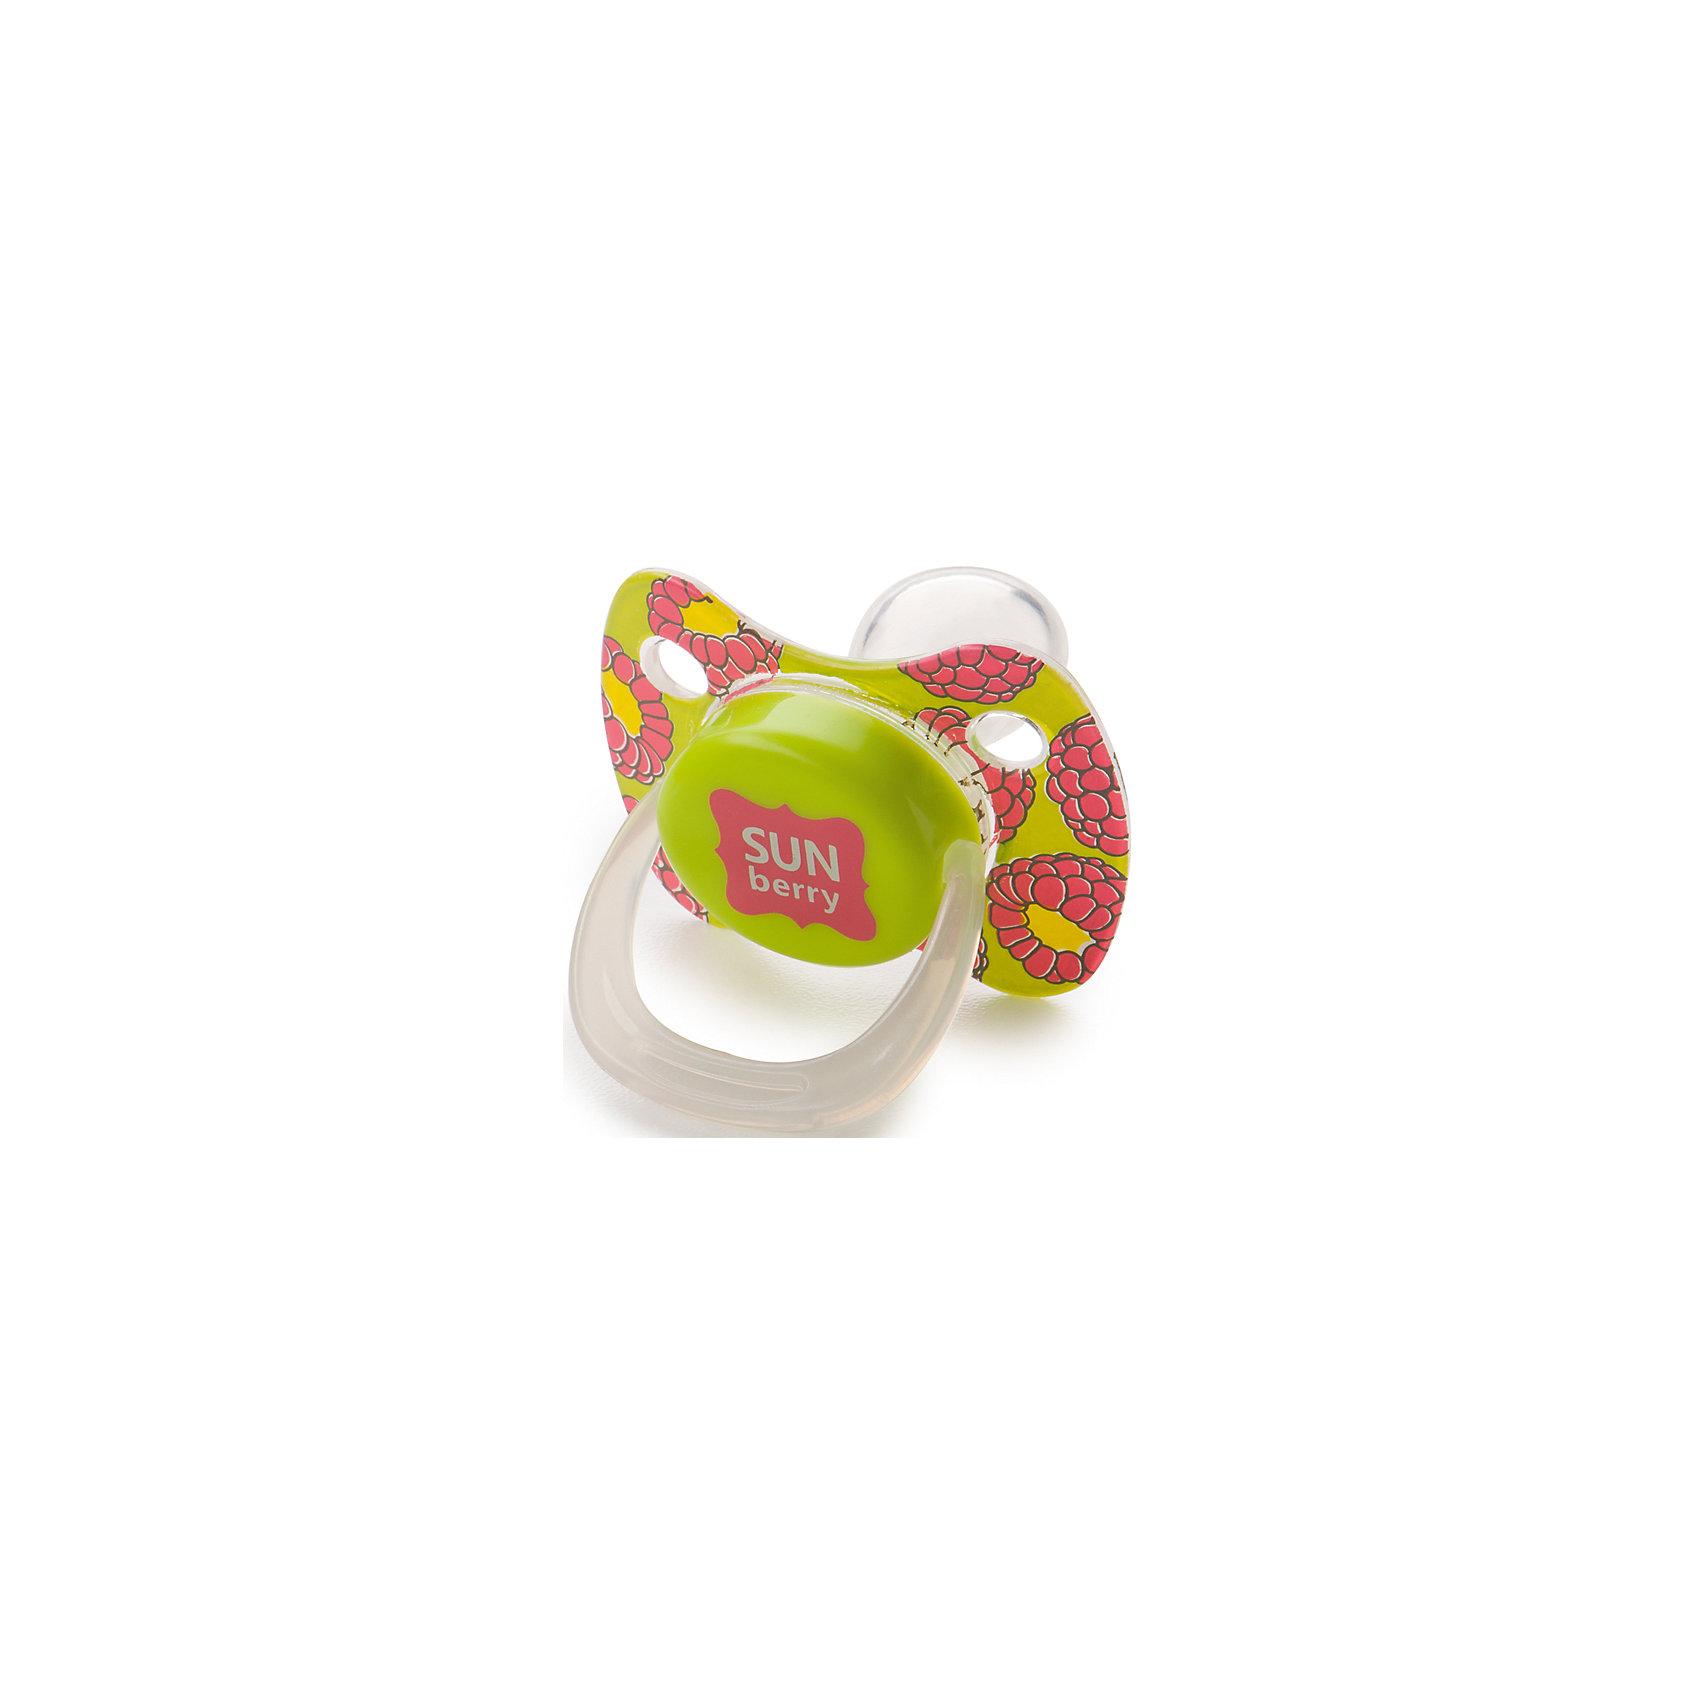 Соска-пустышка с колпачком, с 12 мес., Happy Baby, лаймПустышки и аксессуары<br>Пустышка от торговой марки Happy Baby - необходимое приобретение для Вашего малыша. Она предназначена для детей с 12 месяцев и служит для того, чтобы удовлетворить их естественную потребность в сосании. Пустышка имеет ортодонтическую форму и изготовлена из натурального гипоаллергенного силикона. В носогубнике сделаны отверстия для вентиляции воздуха, что позволит избежать раздражений и покраснений. Изделие выполнено в стильном и ярком дизайне, что обязательно понравится крохе.<br><br>Дополнительная информация:<br><br>- силиконовая пустышка симметричной формы<br>- вентиляционные отверстия в носогубнике<br>- симметричная форма носогубника<br>- яркий и стильный дизайн<br>- колпачок в комплекте<br>- возраст: от 12 месяцев.<br>- материал: тритан, полипропилен, силикон.<br>- размер упаковки: 5*6,31*3,5 см.<br>- вес: 45 г.<br><br>Соску-пустышку с колпачком, с 12 месяцев Happy Baby, лайм можно купить в нашем интернет-магазине.<br><br>Ширина мм: 50<br>Глубина мм: 65<br>Высота мм: 135<br>Вес г: 45<br>Возраст от месяцев: 12<br>Возраст до месяцев: 24<br>Пол: Унисекс<br>Возраст: Детский<br>SKU: 4696814